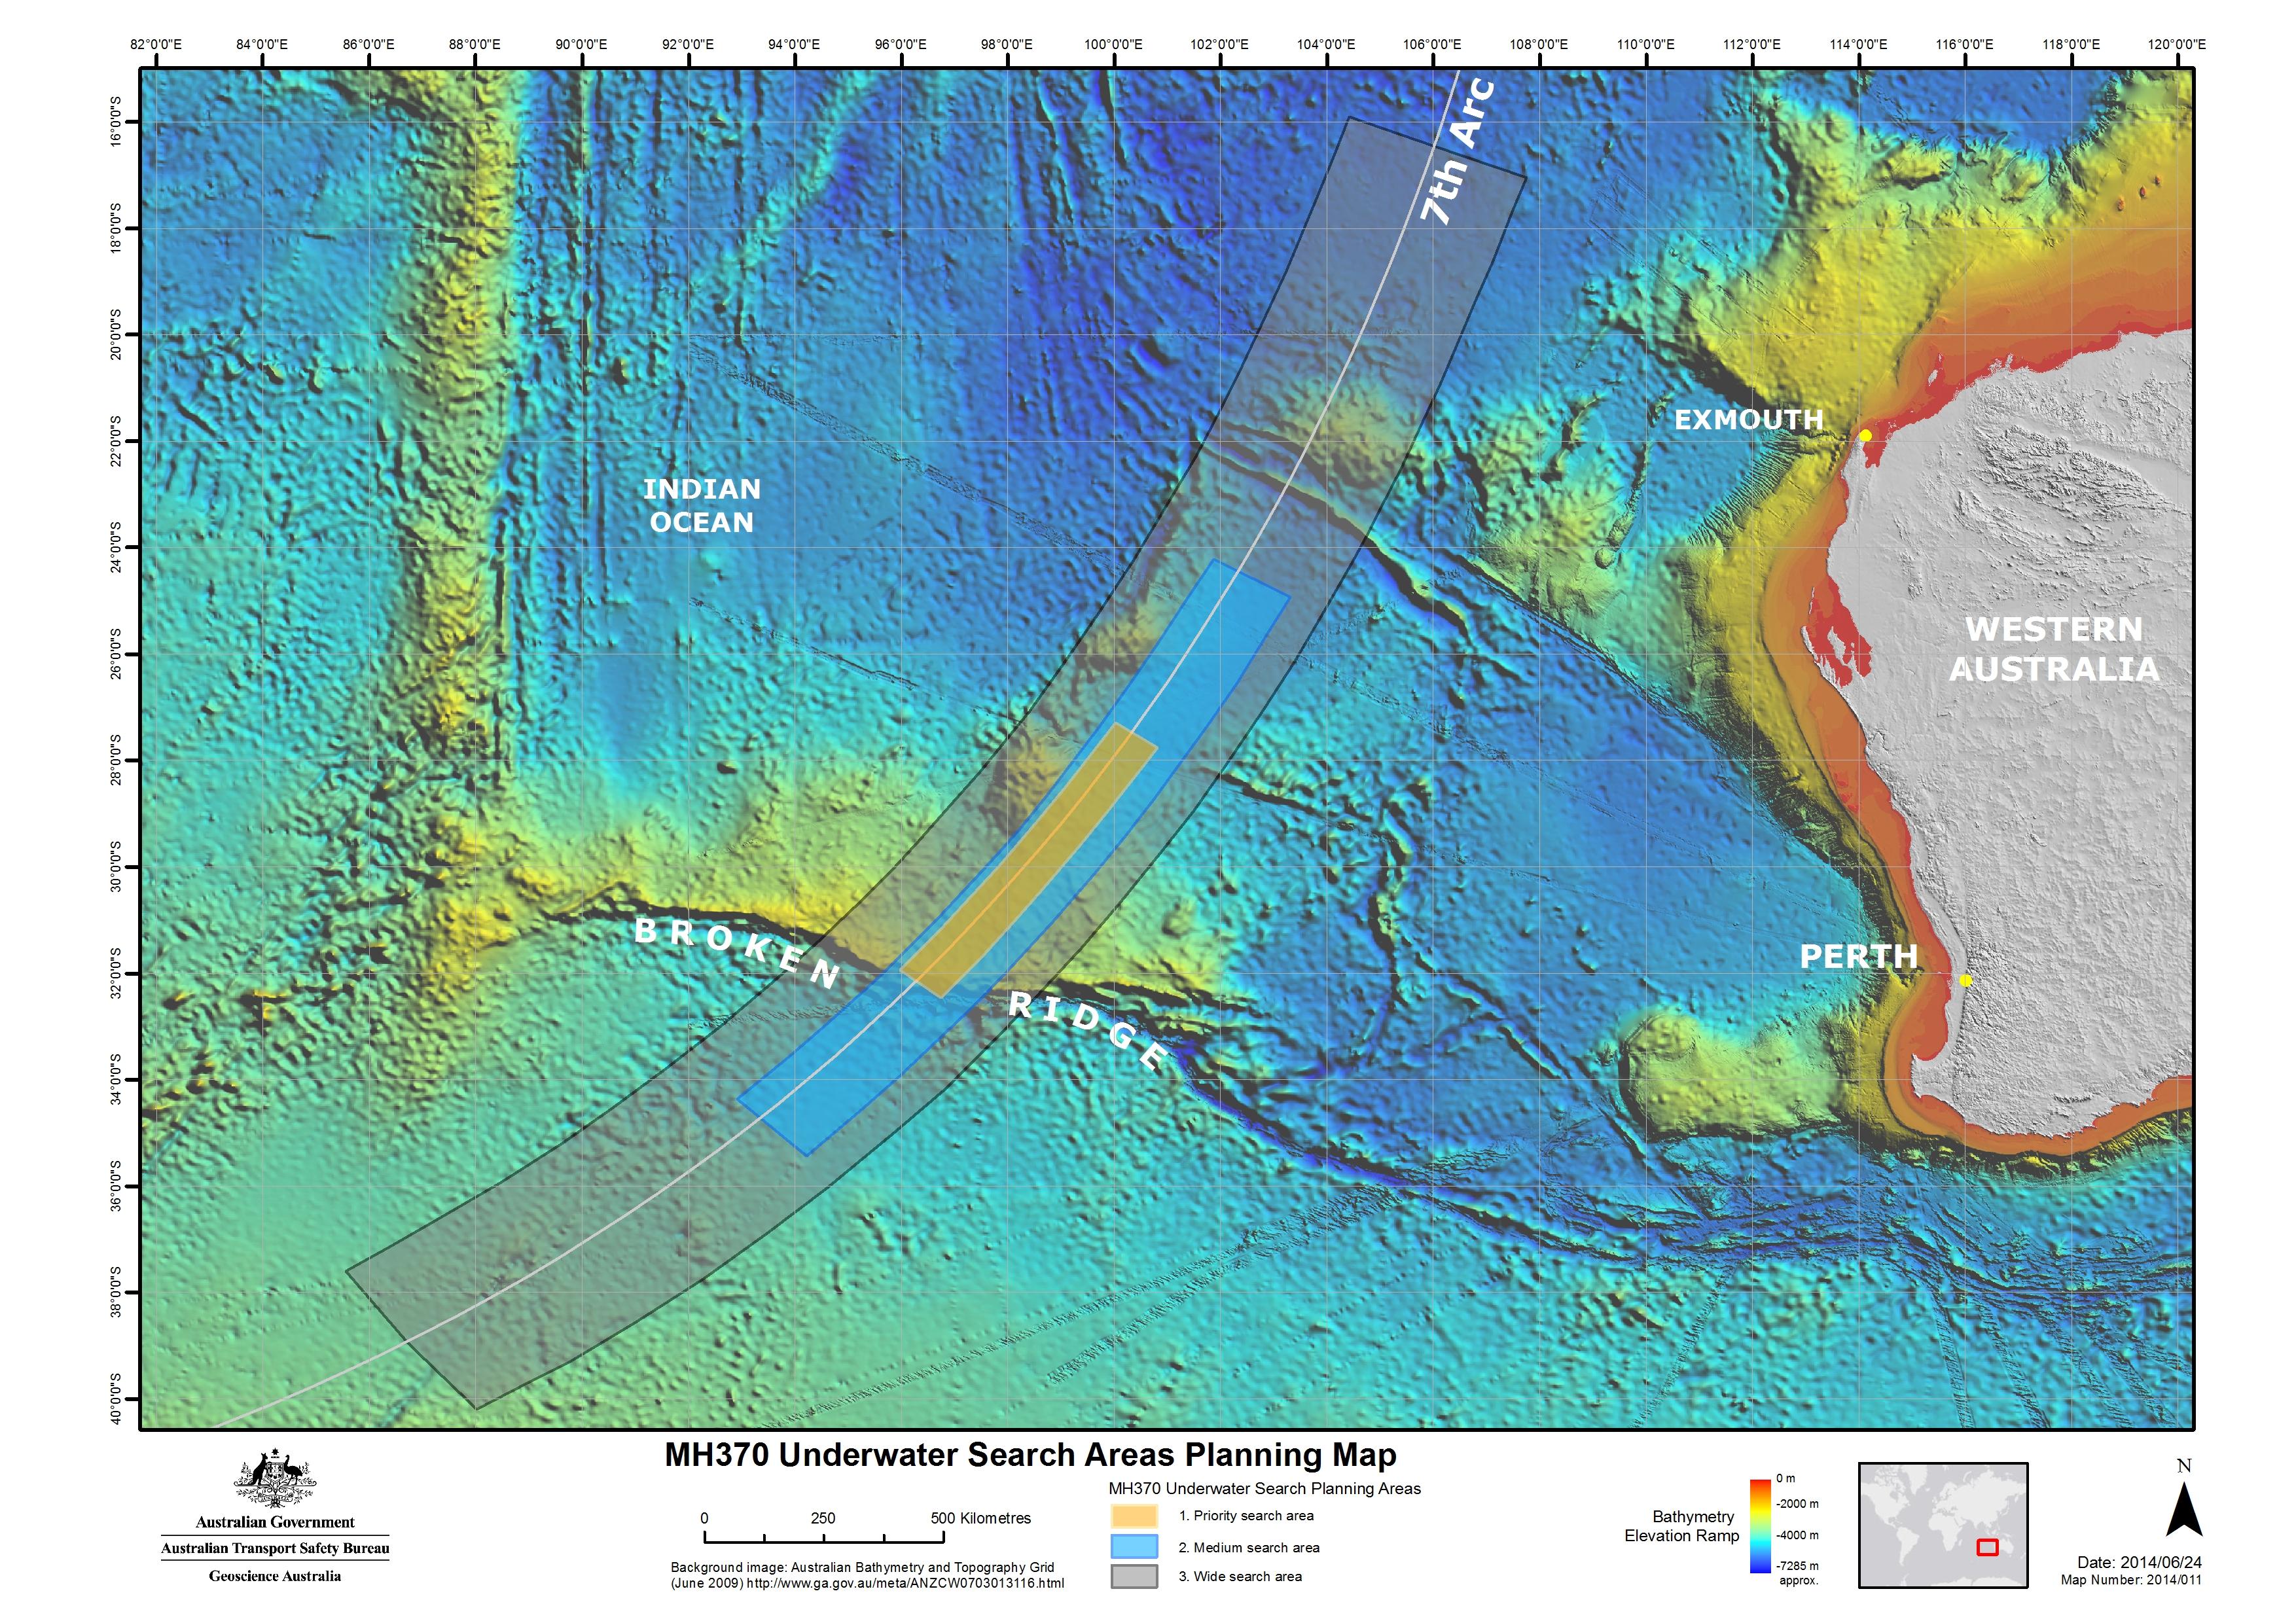 MH370 lugareños De remota isla Maldivas en el Océano Índico pudo haber visto Los Malaysia Airlines